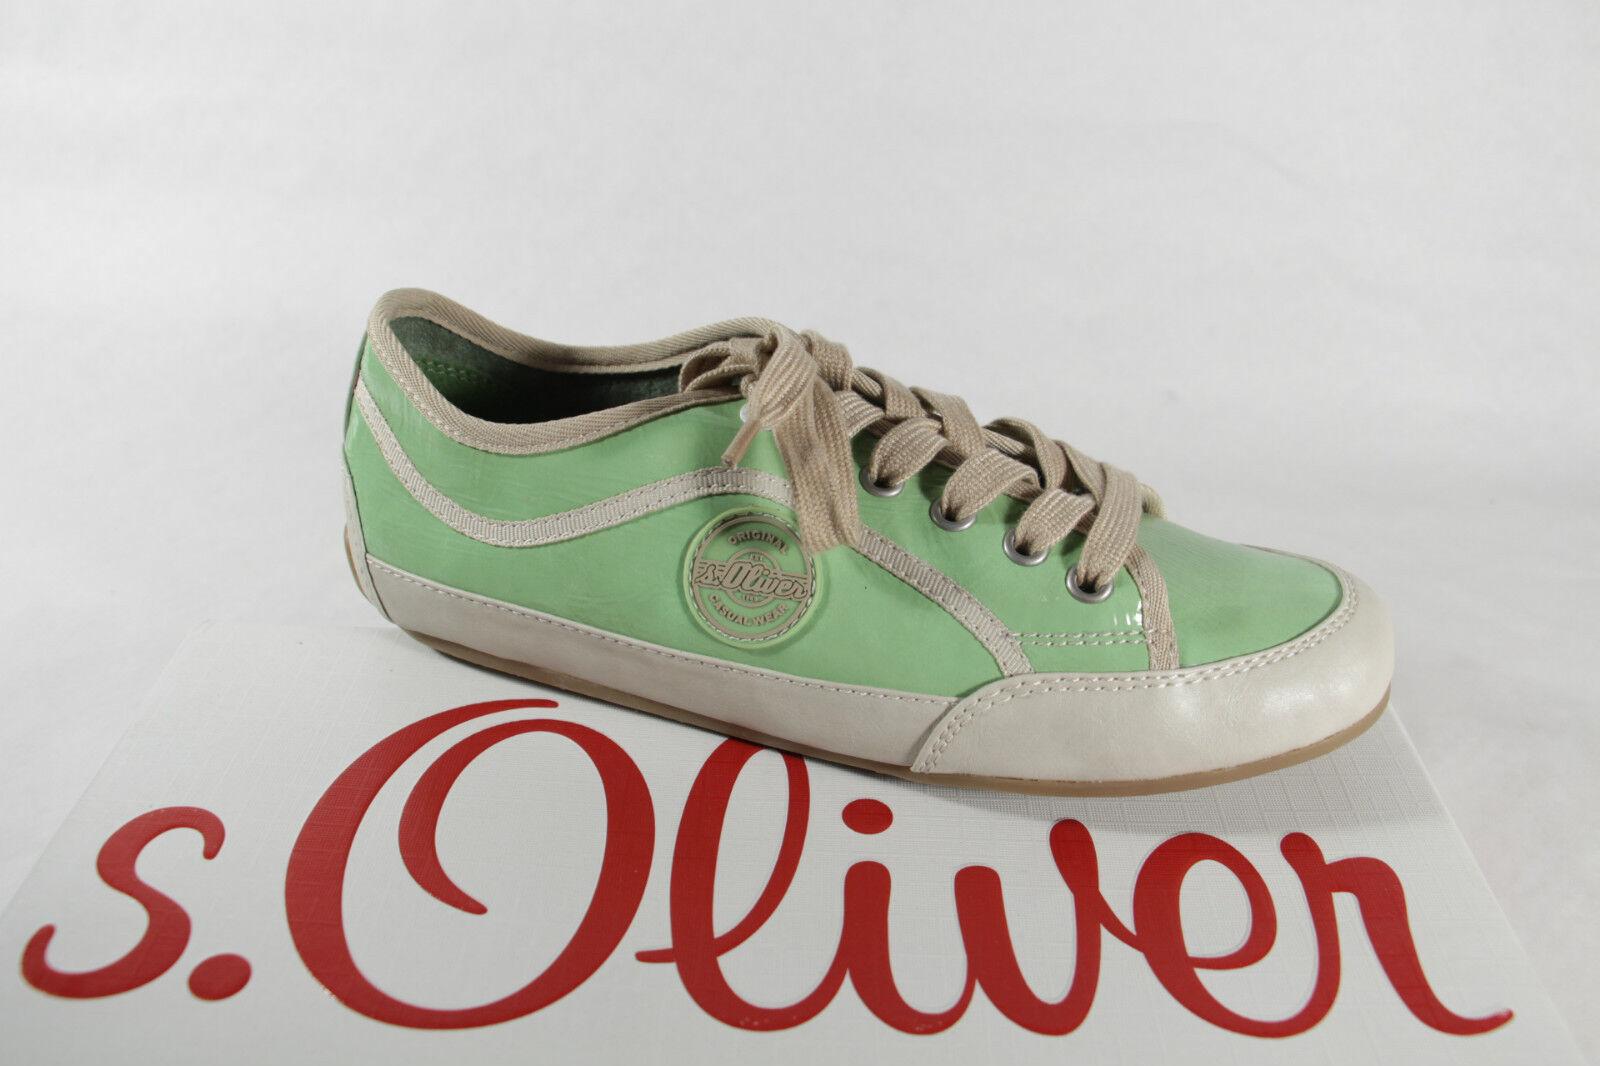 S.Oliver Mujer Zapatos de Cordones Zapatilla Deporte Bajas Bajas Bajas verde Claro Nuevo  Envio gratis en todas las ordenes